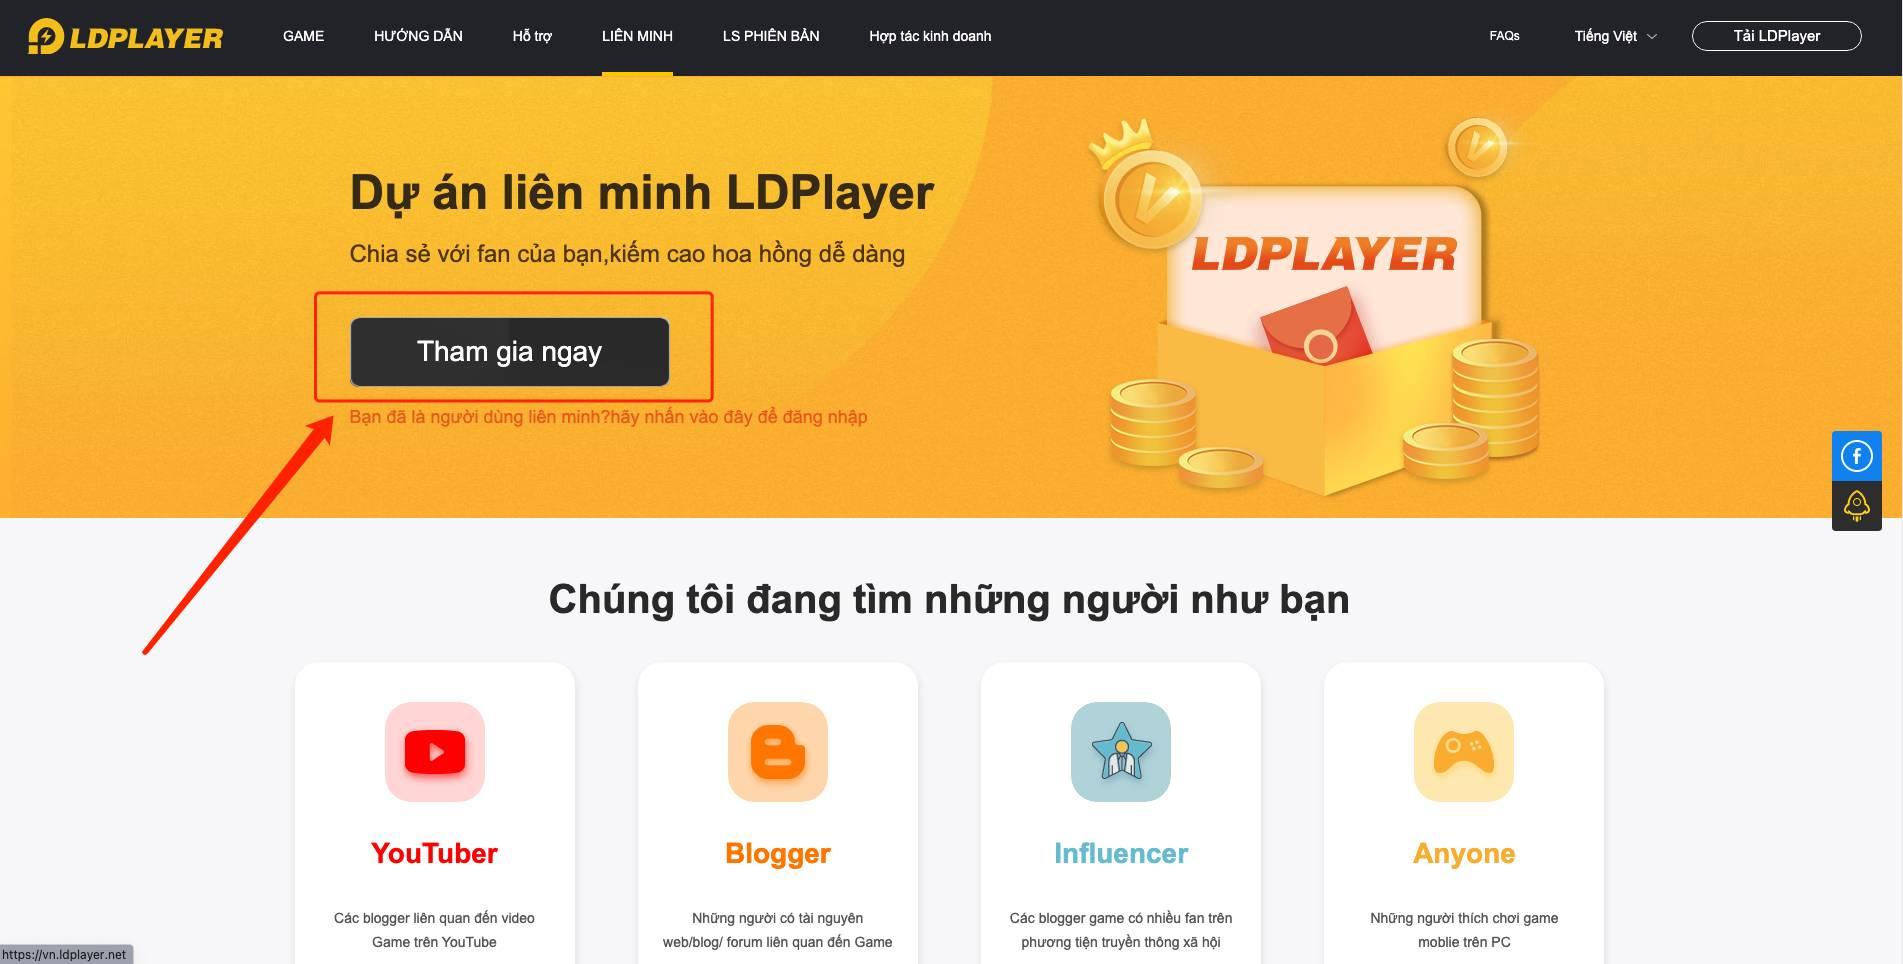 Kiếm tiền dễ dàng,chỉ tại LDPlayer